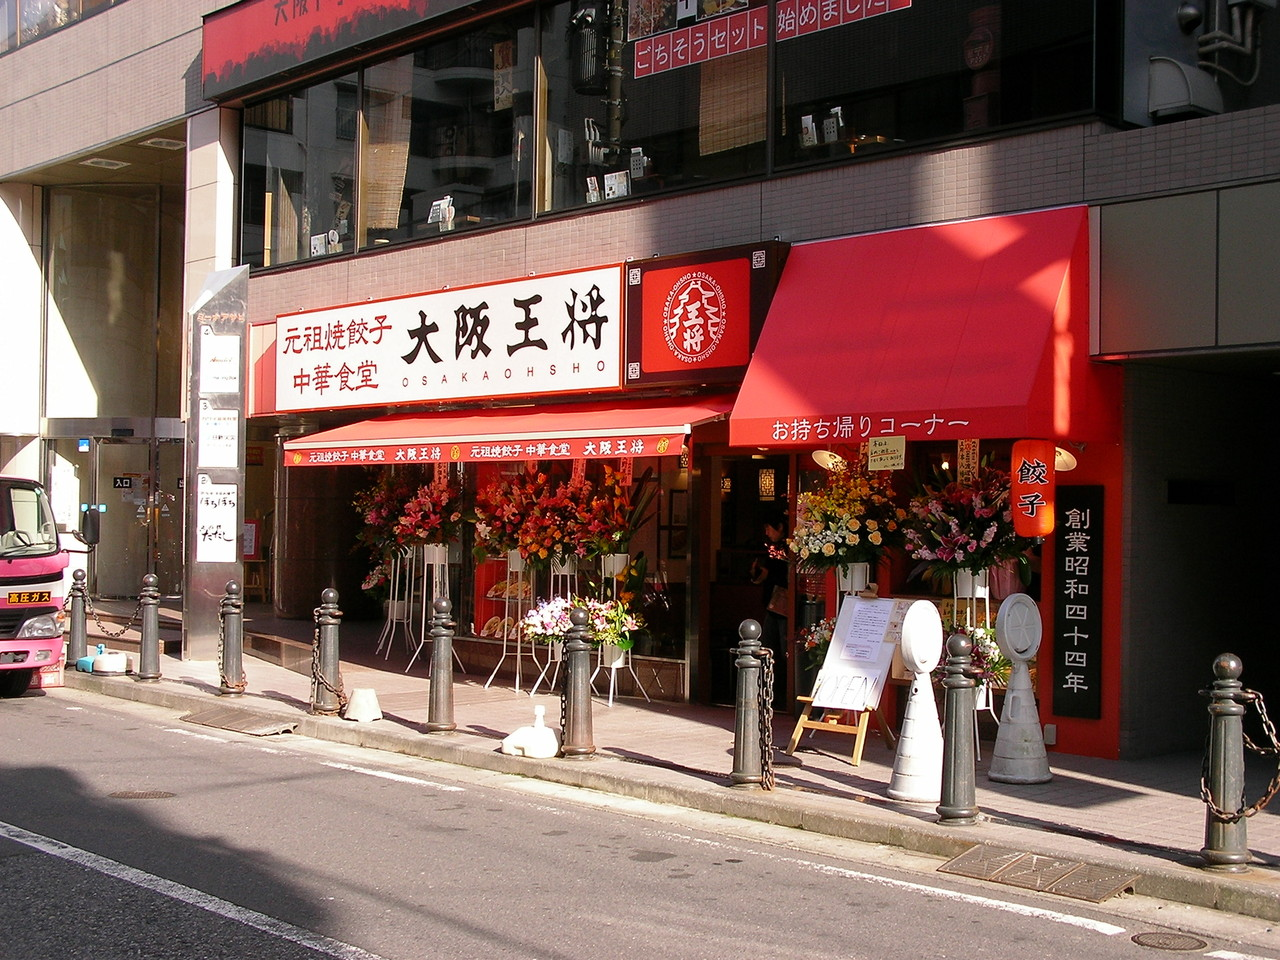 大阪王将本八幡店 ・・・ミスドさんの斜め向かいです。